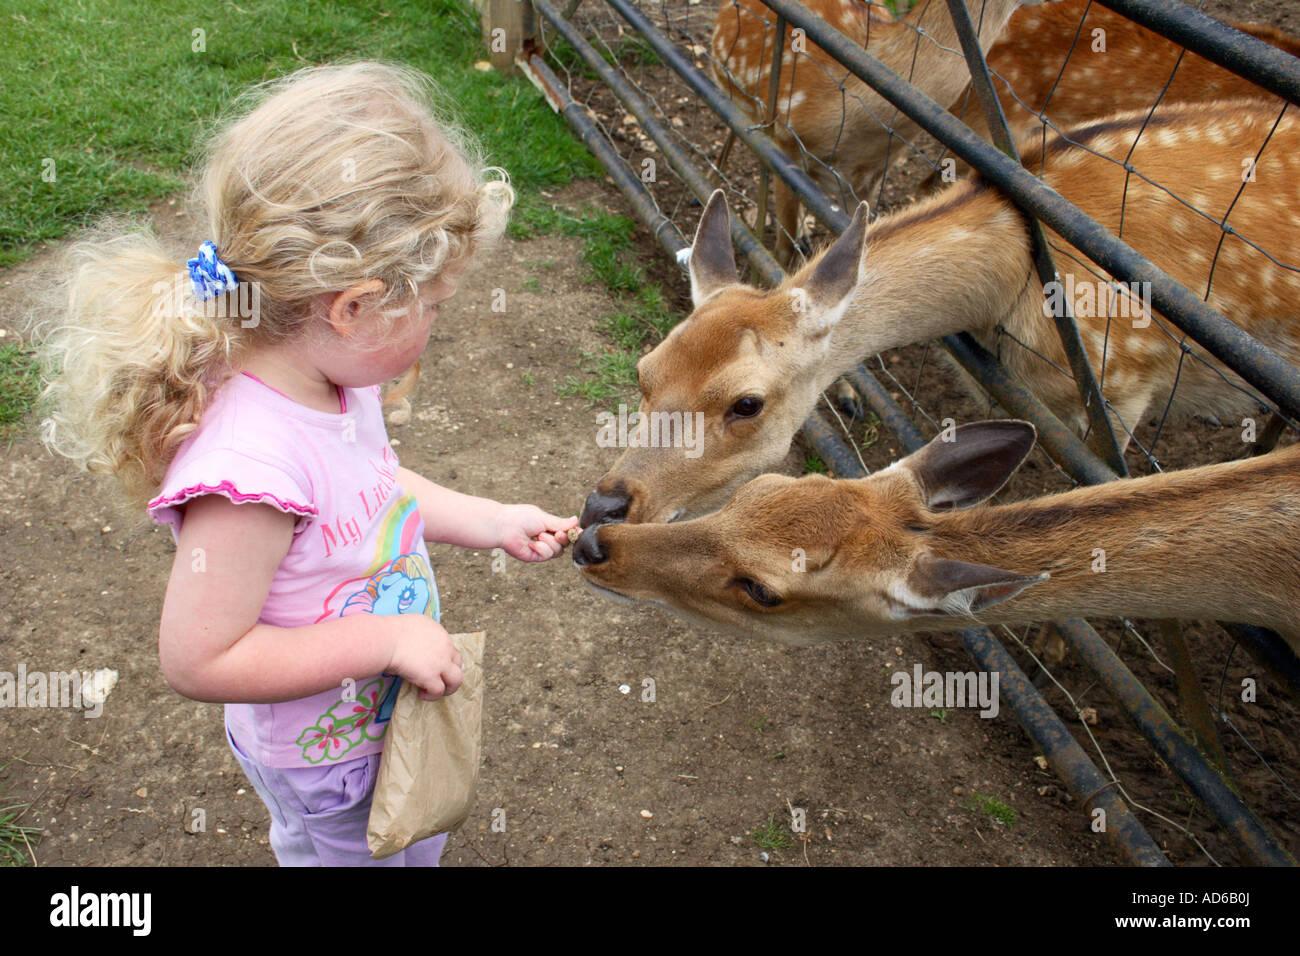 L'alimentation d'une petite fille dans un parc de cerfs sauvages. Photo Stock